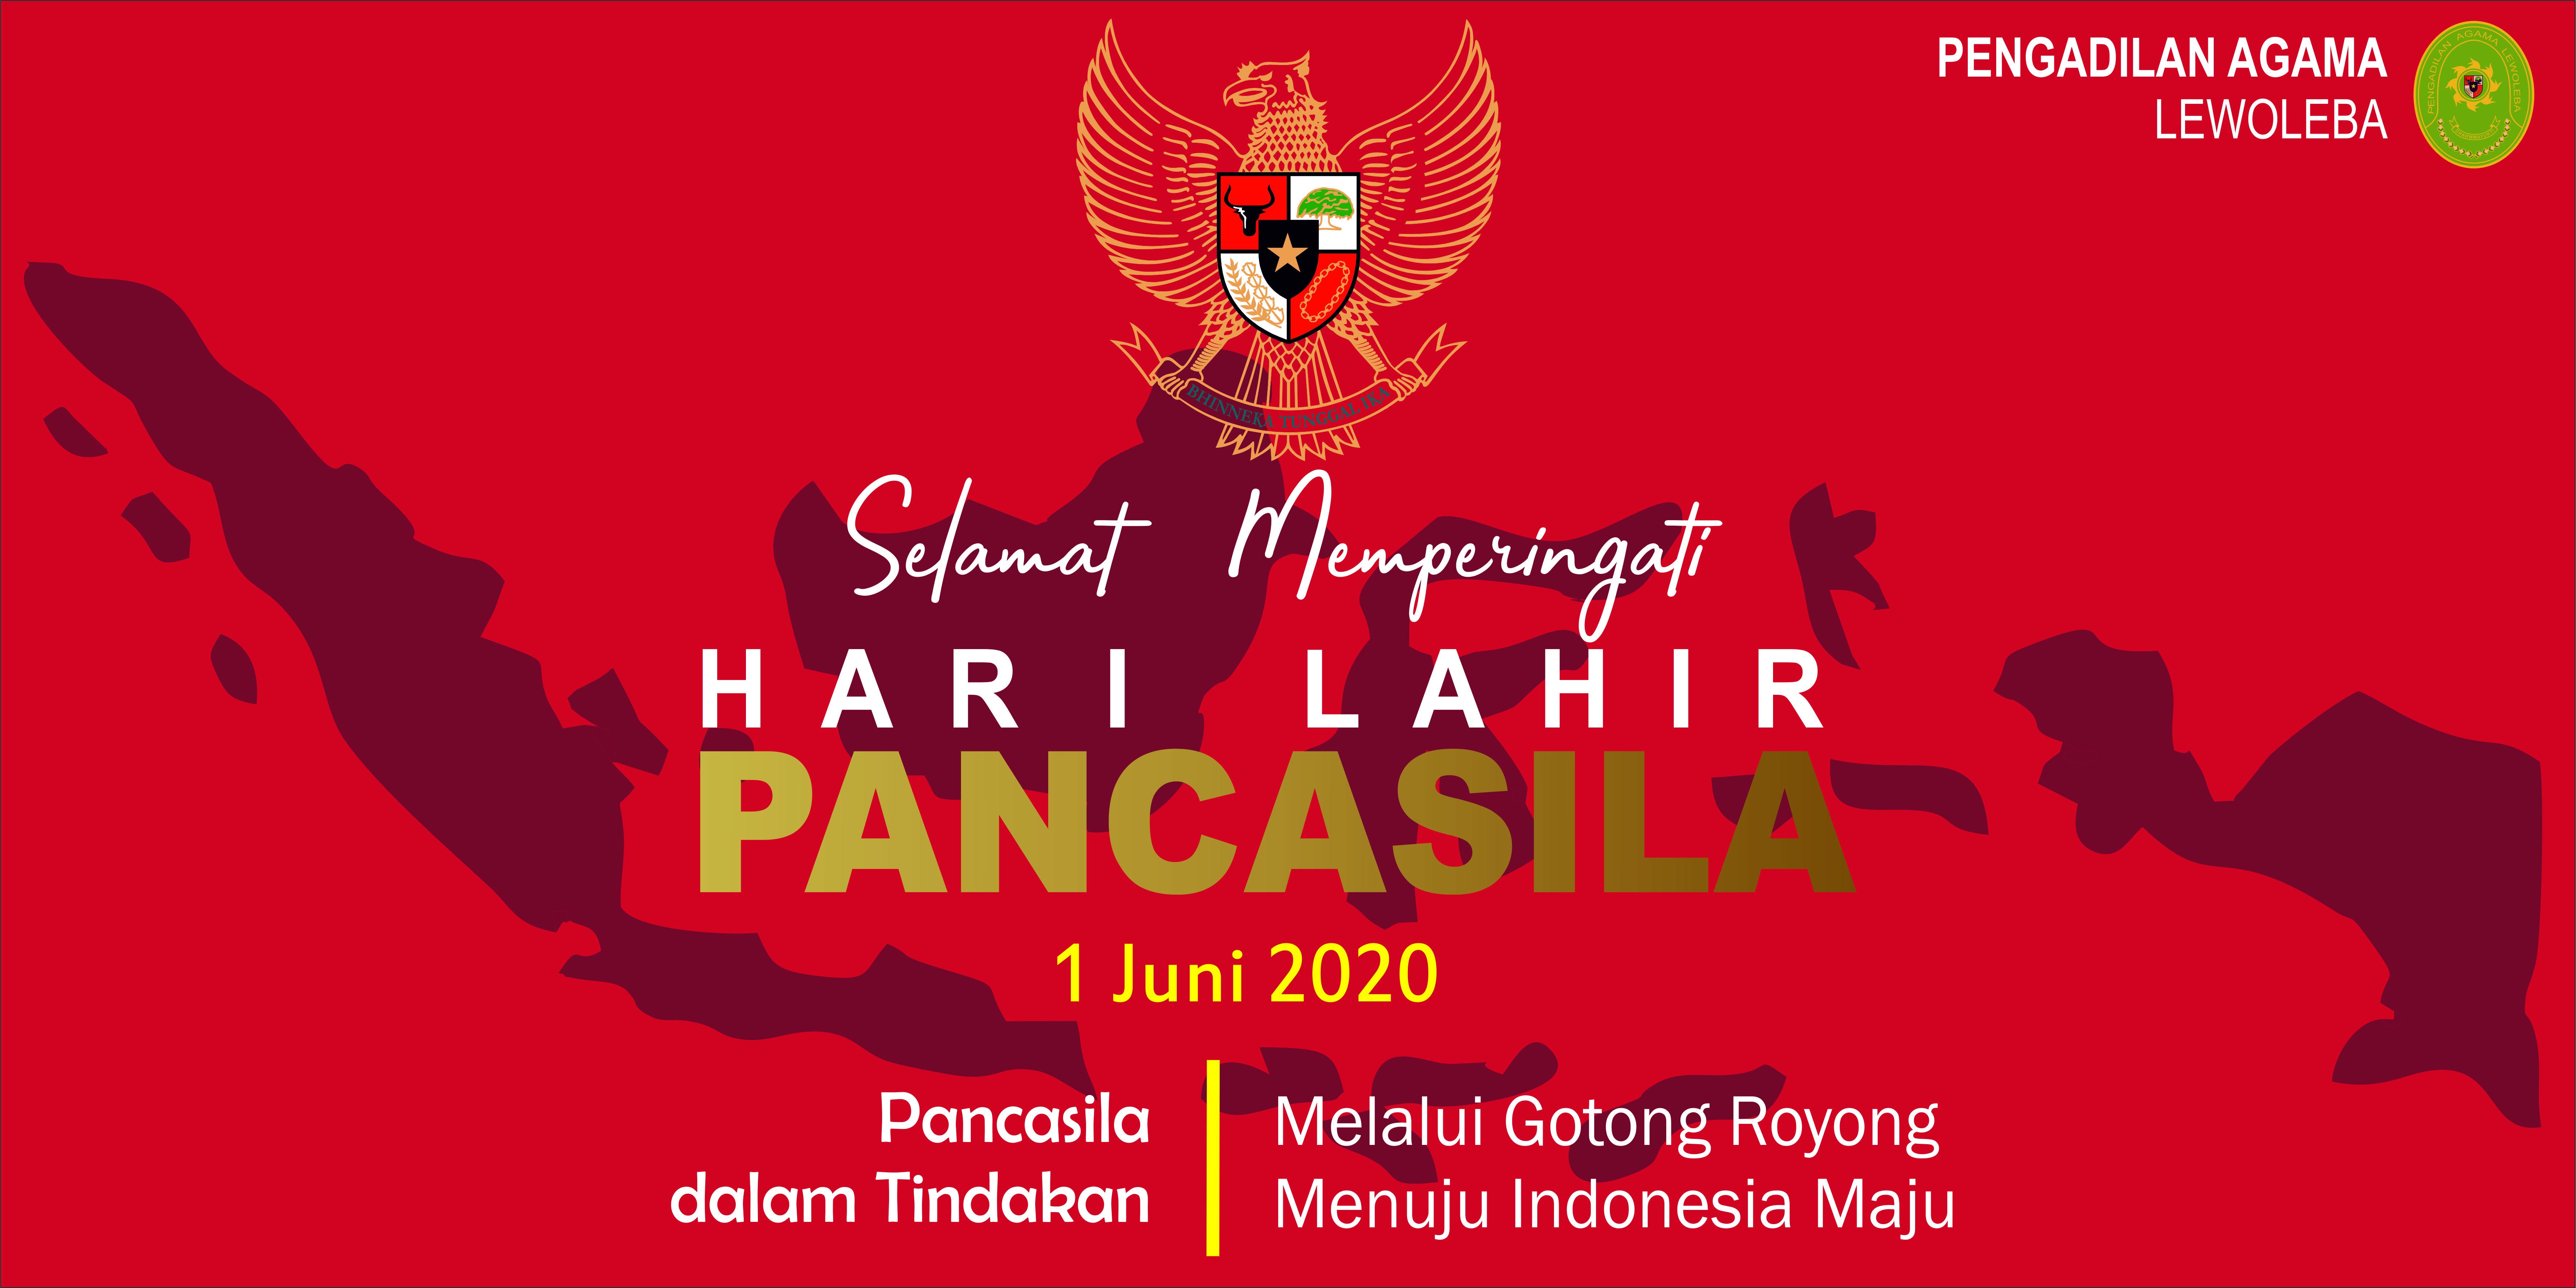 Ucapan Selamat Hari Lahir Pancasila 1 Juni 2020